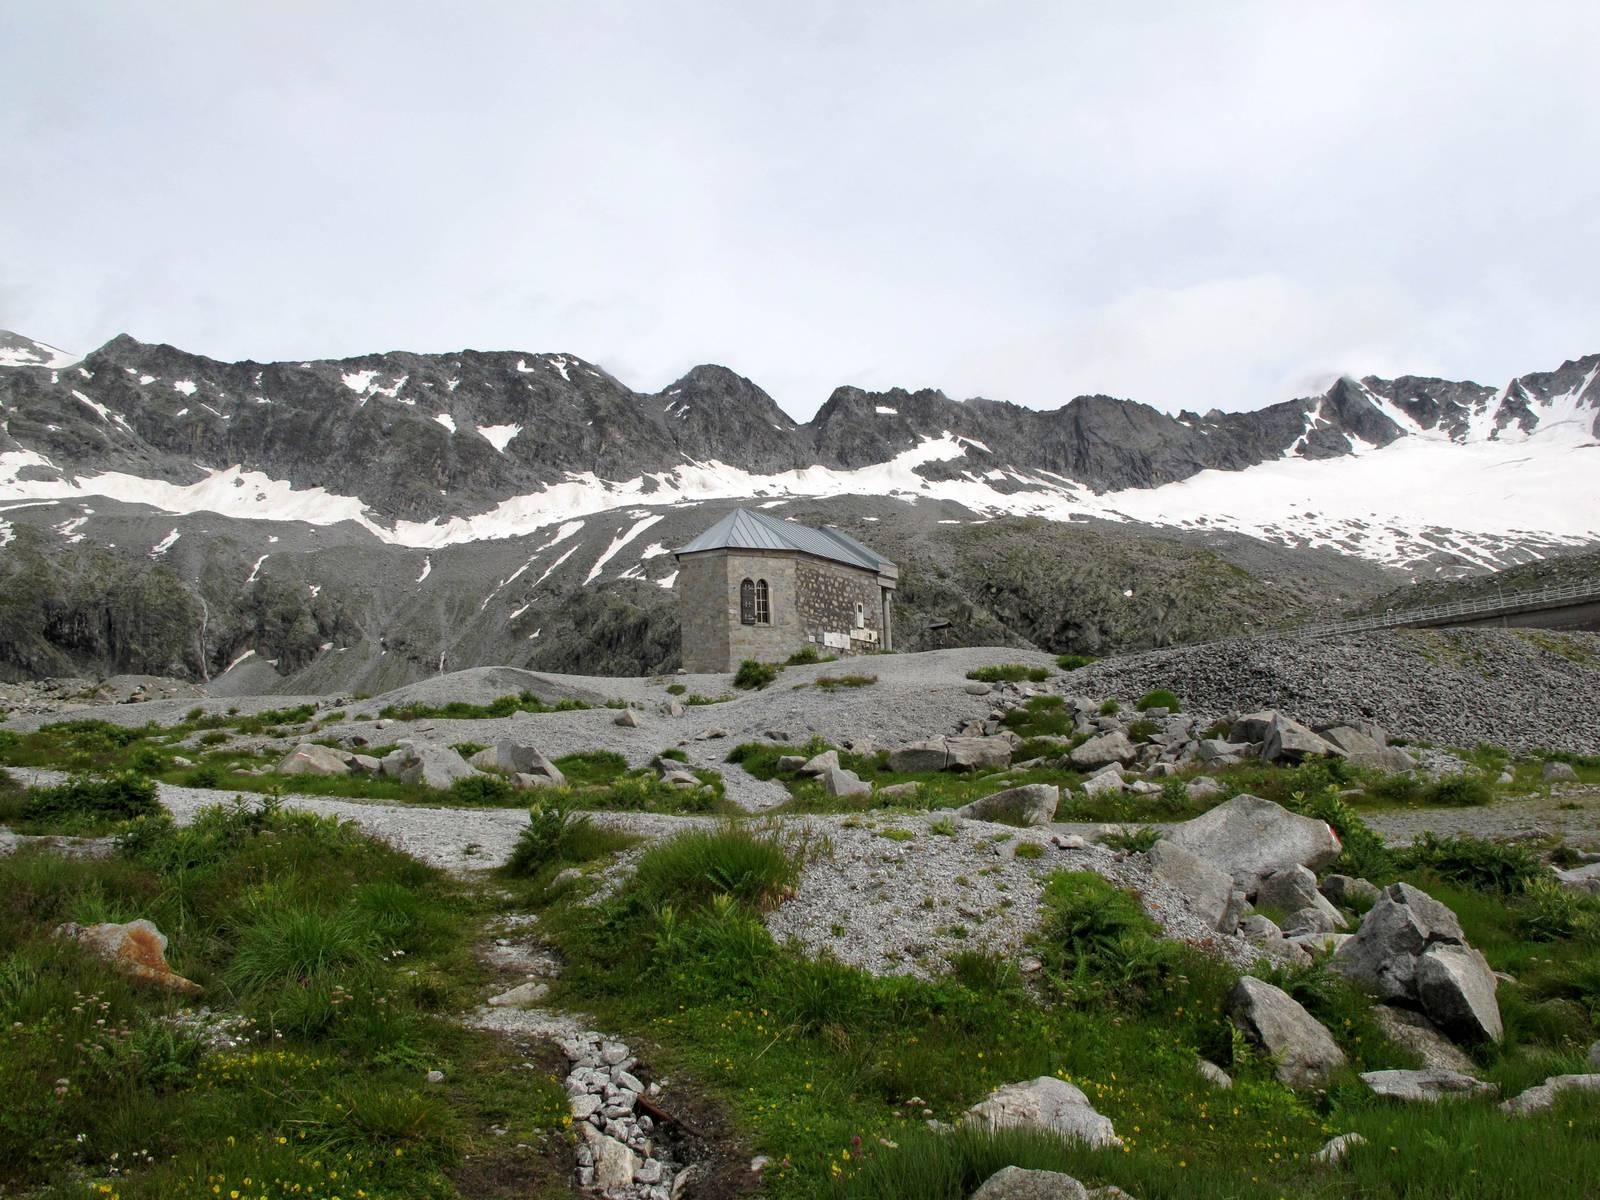 Passi-nella-neve-9-agosto-2014_Narrazione-in-cammino-destinazione-Garibaldi47 Copia